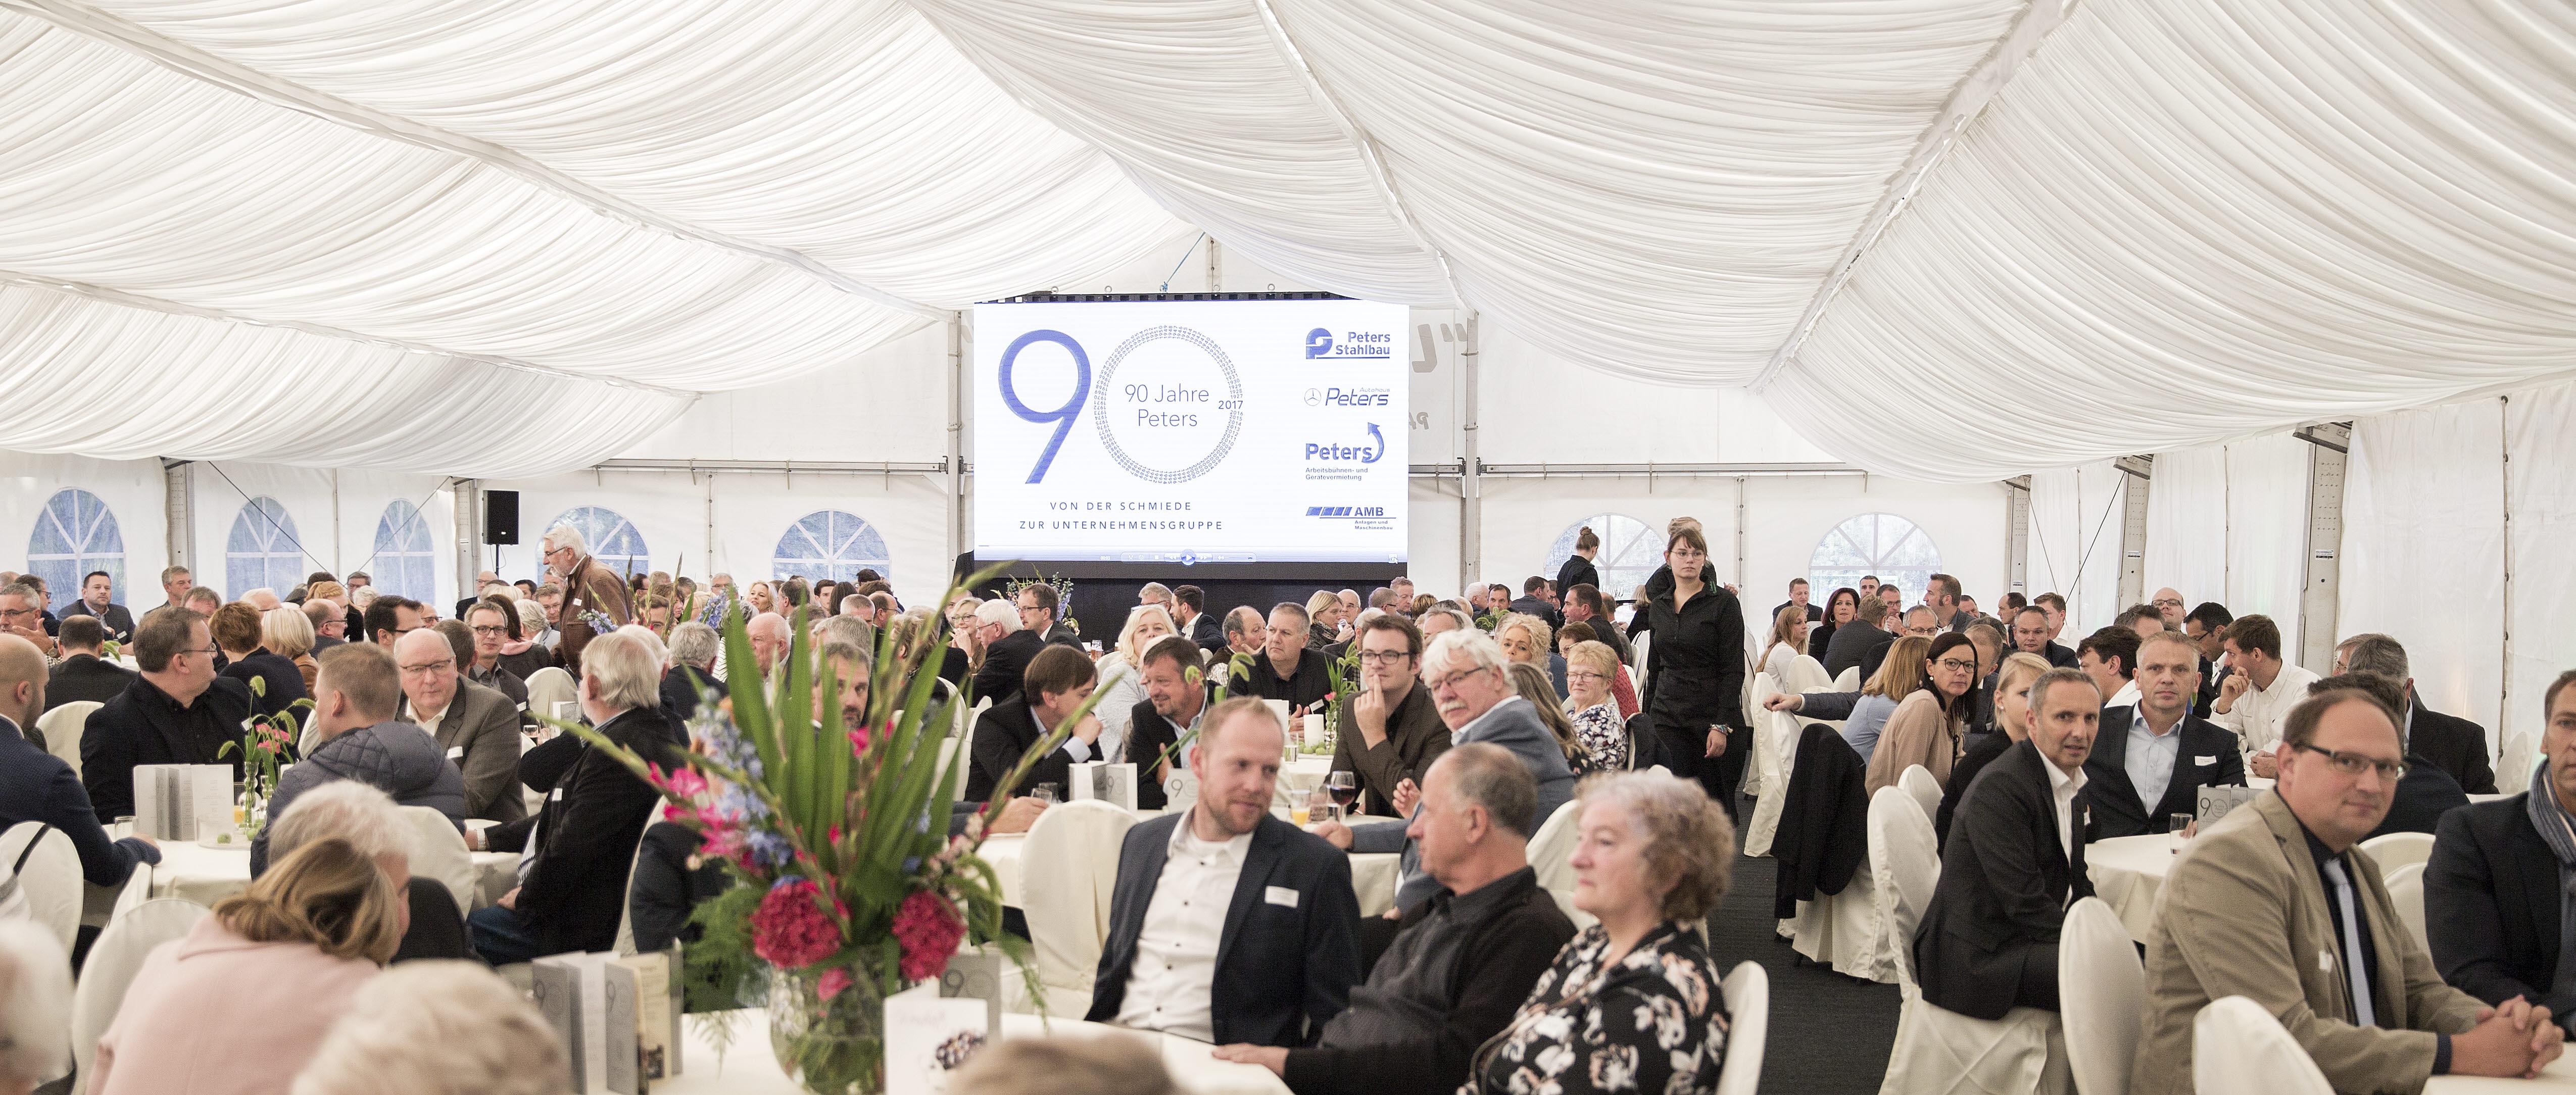 900 Gäste begleiteten das 90-jährige Jubiläum der Unternehmensgruppe Peters (Foto: Peters)